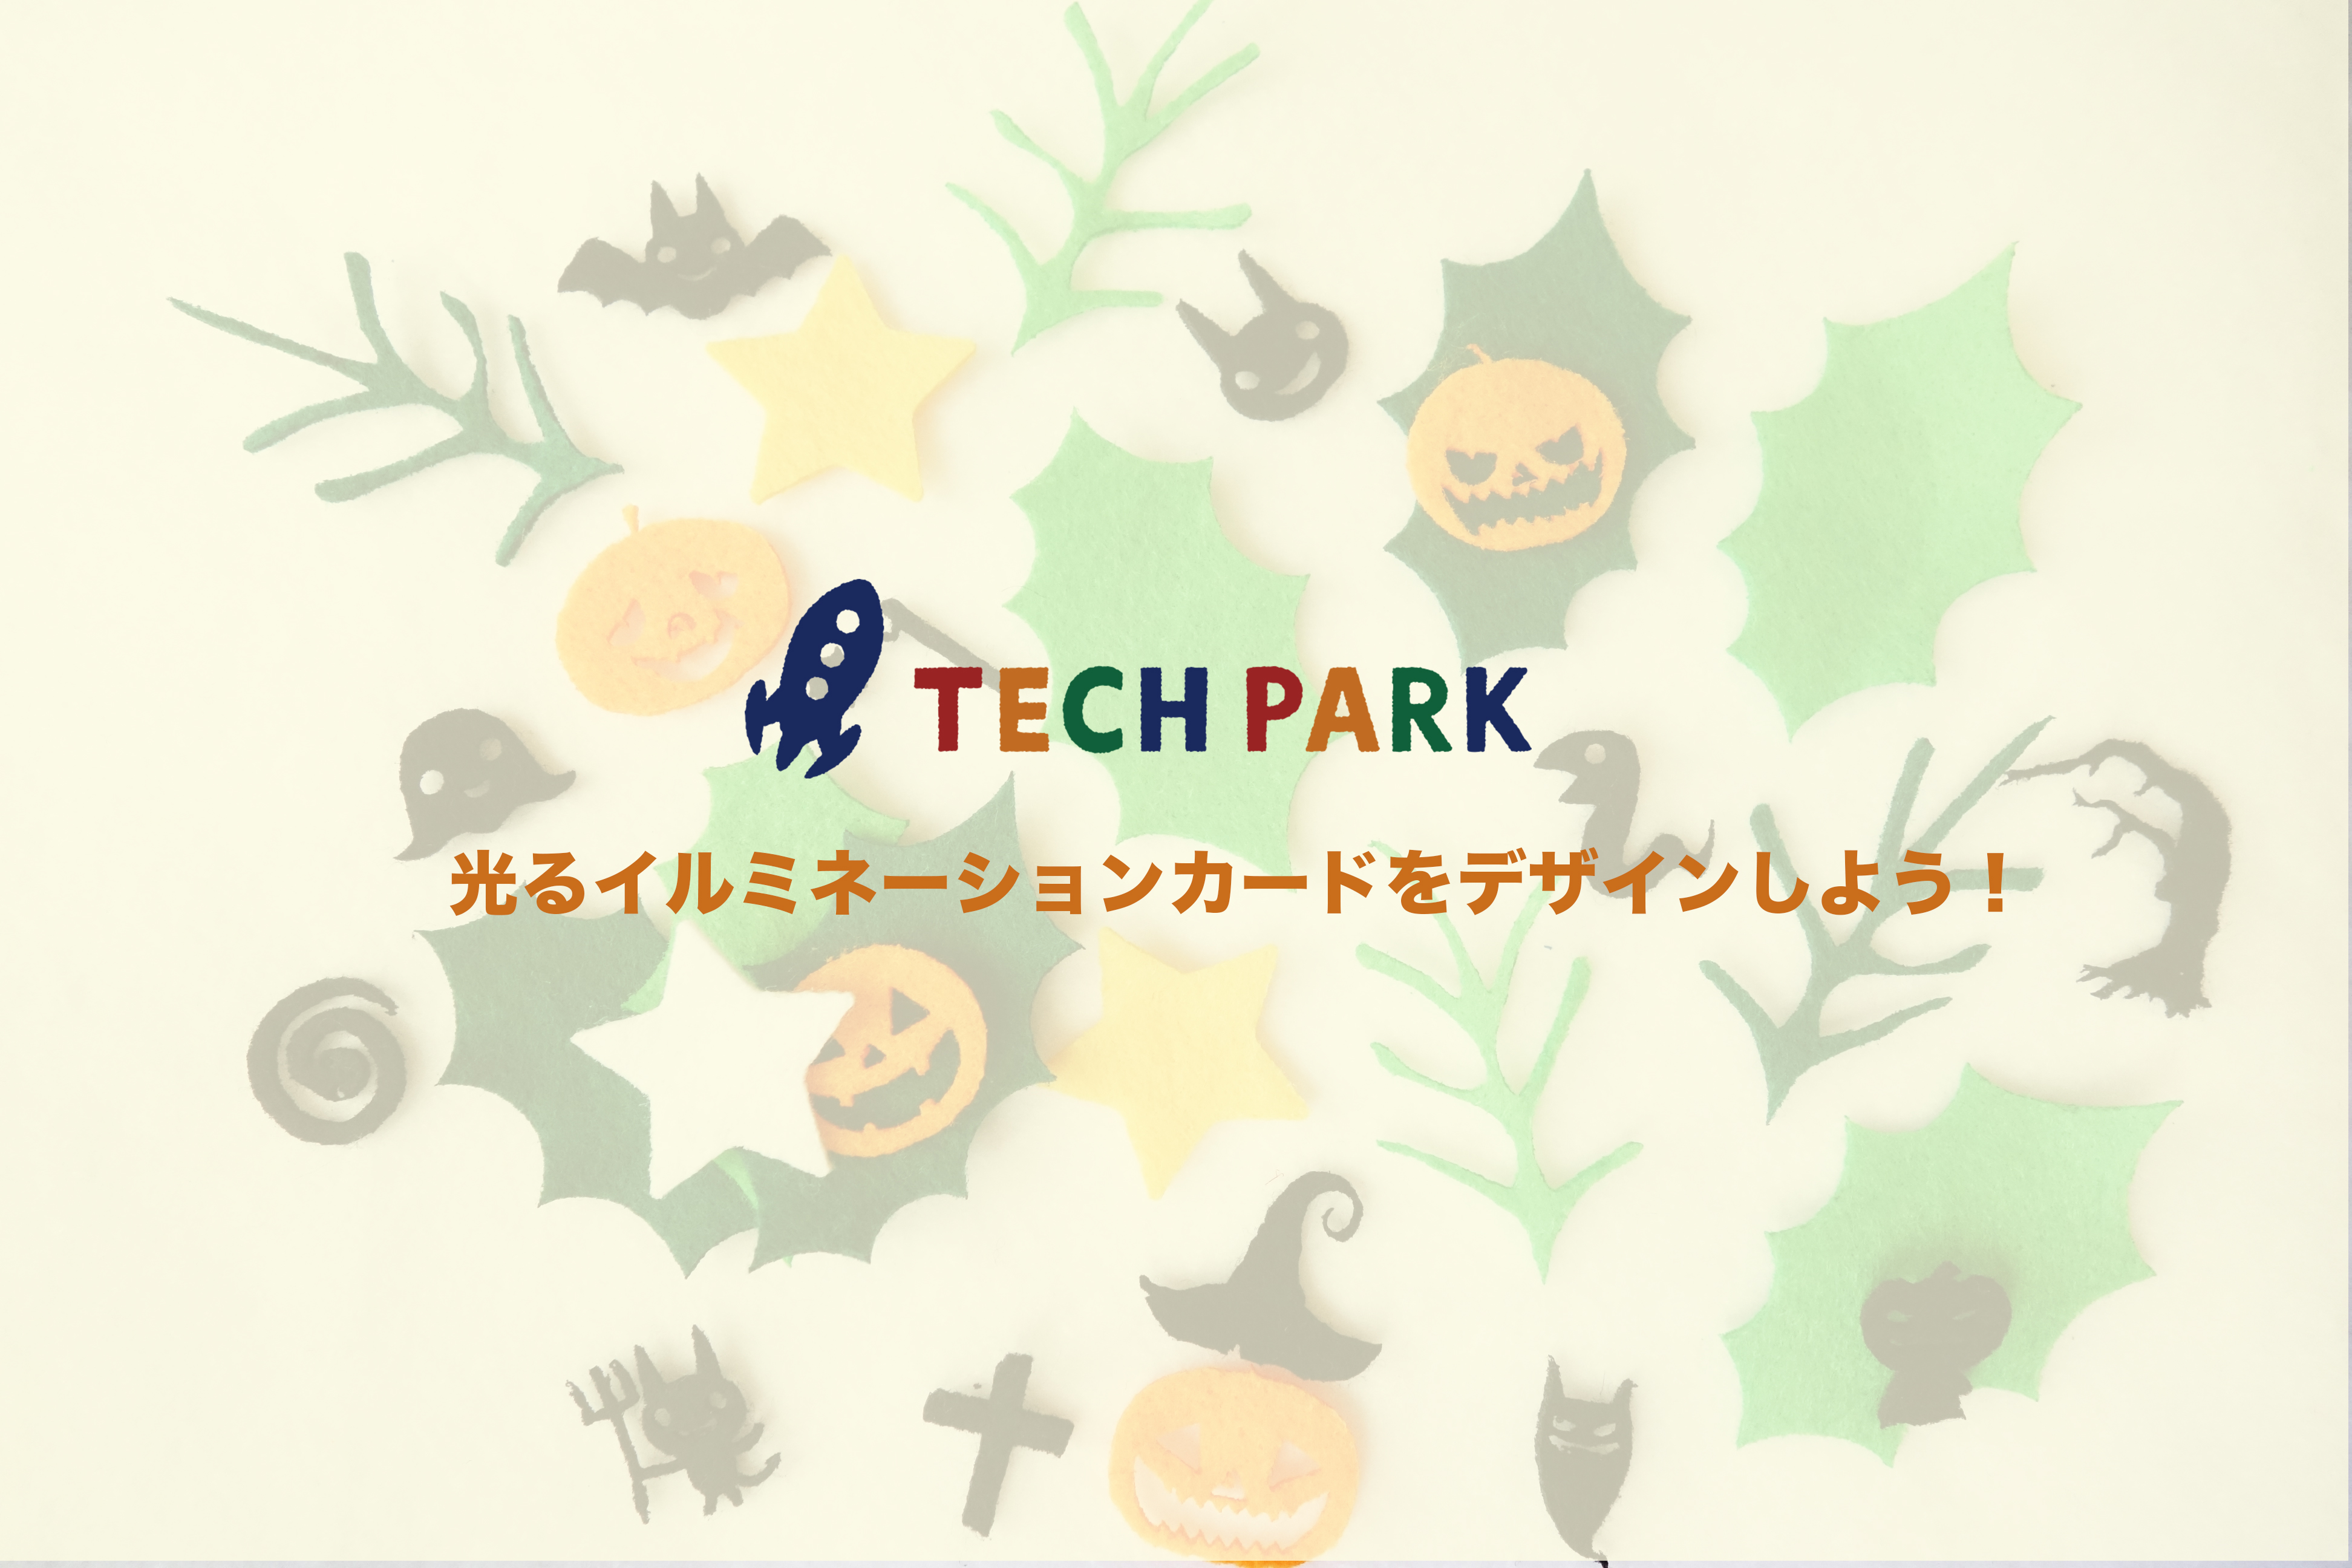 10/1(日) 1Day Workshop 「Play with tech(プレイ ウィズ テック)」を開催します